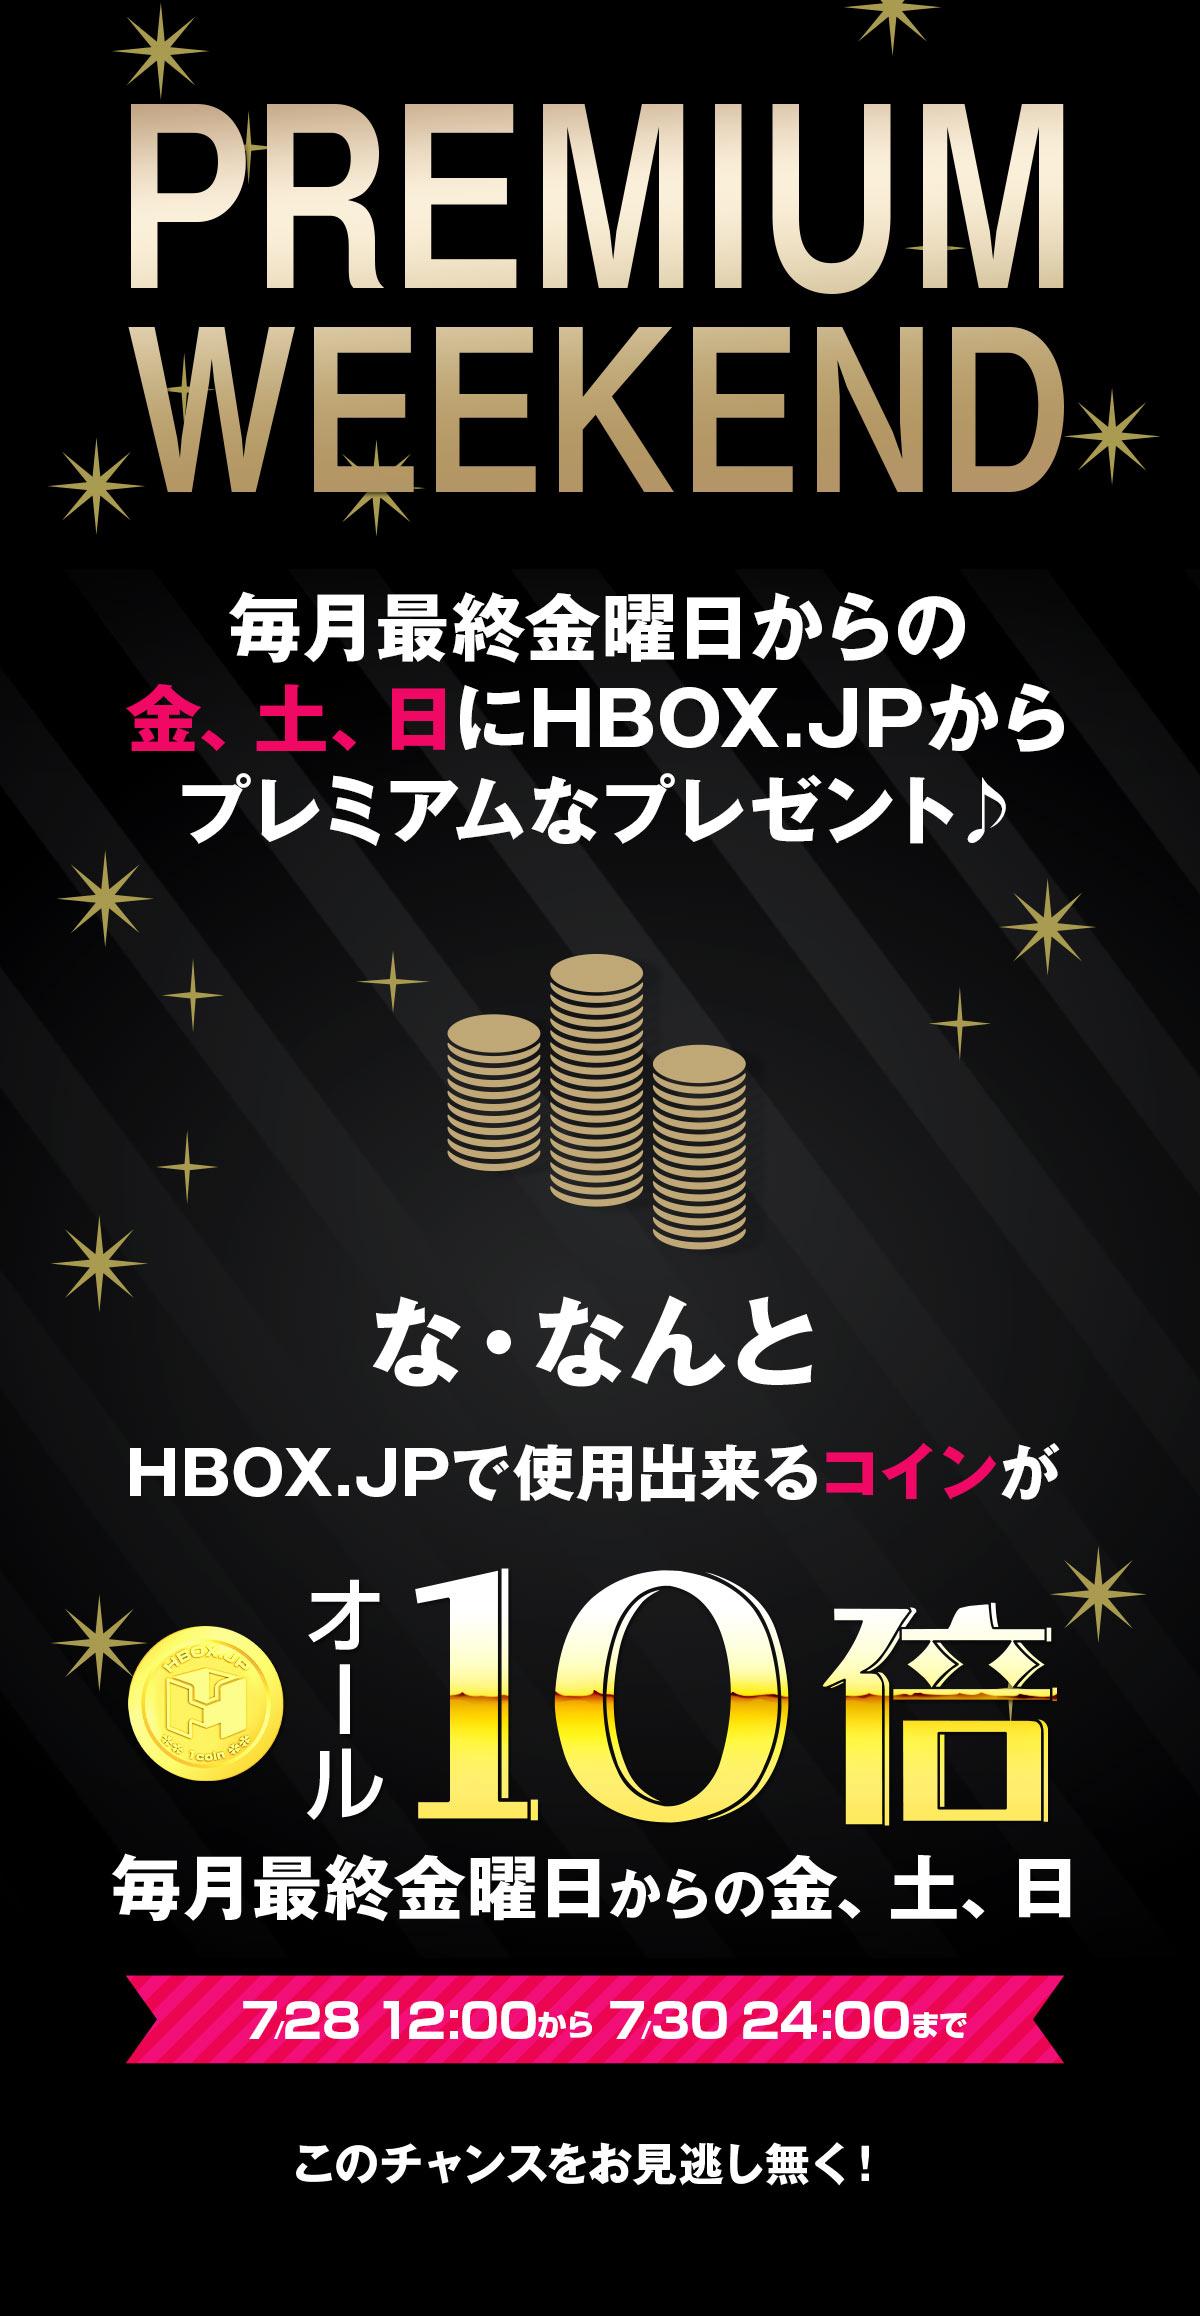 hbox.jp プレミアムフライデー